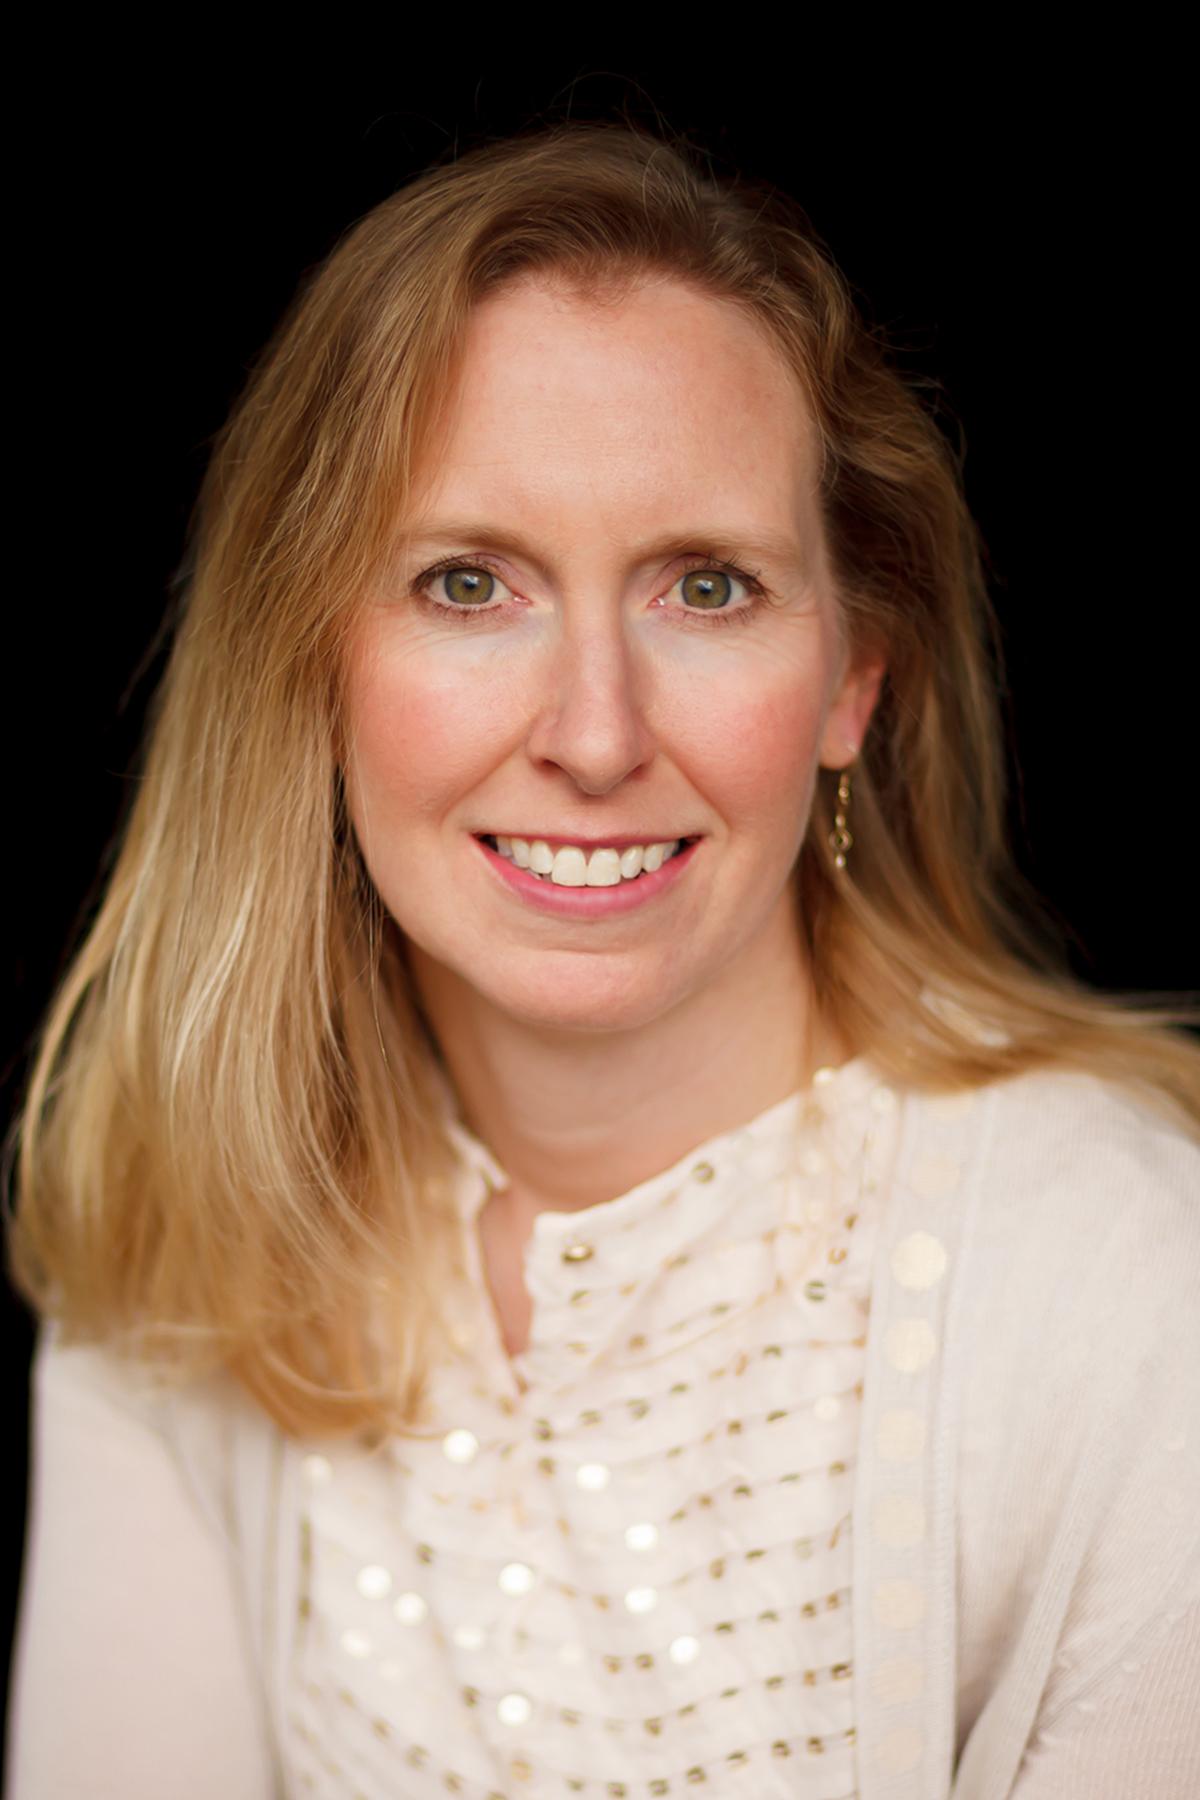 Allie Kronberg